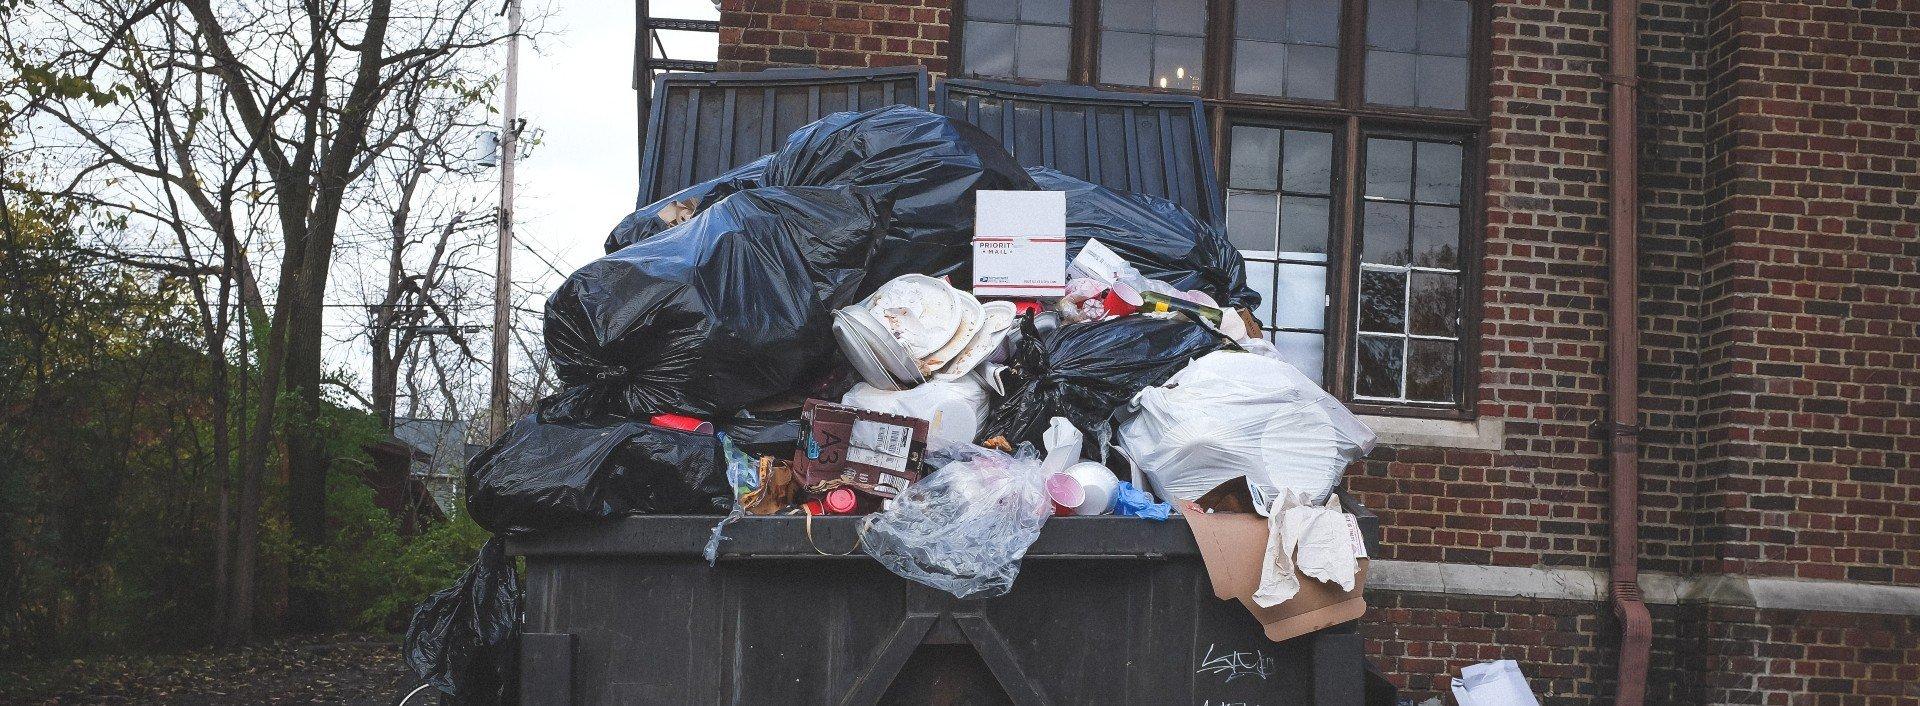 Englische Vokabeln für verdorbenes Essen: Ein Müllcontainer quillt über vor Müll und verdorbenen Lebensmitteln.